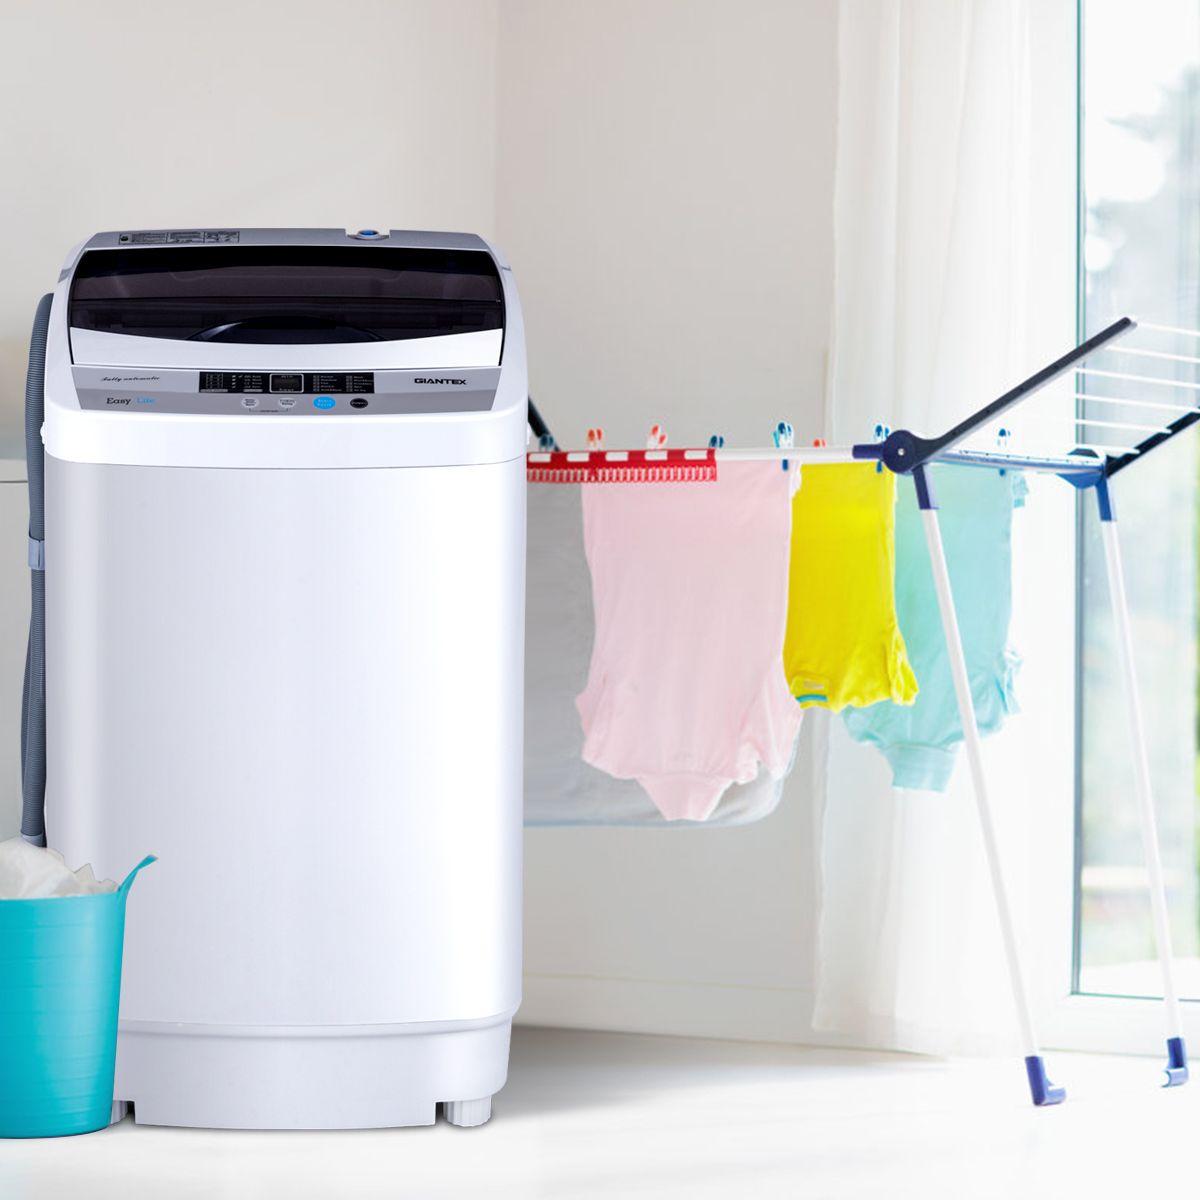 Questa lavatrice è progettato per lavare i vestiti di uno